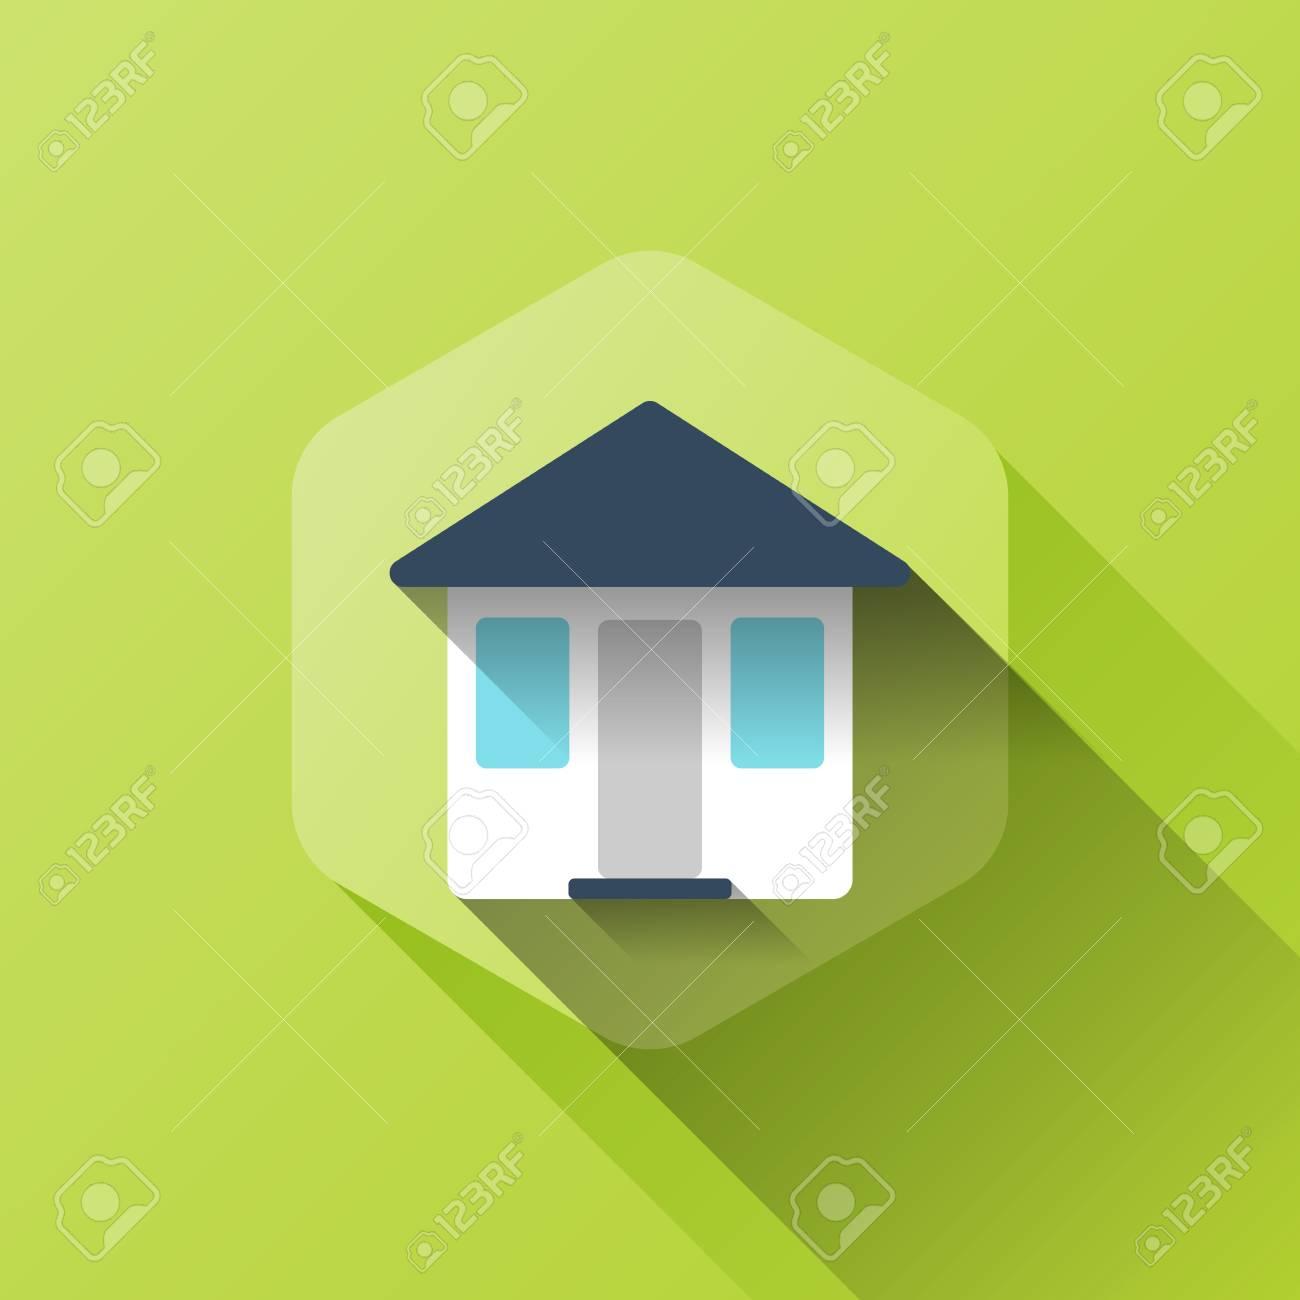 フラット スタイルの家のアイコンのシンプルなイラスト の写真素材画像